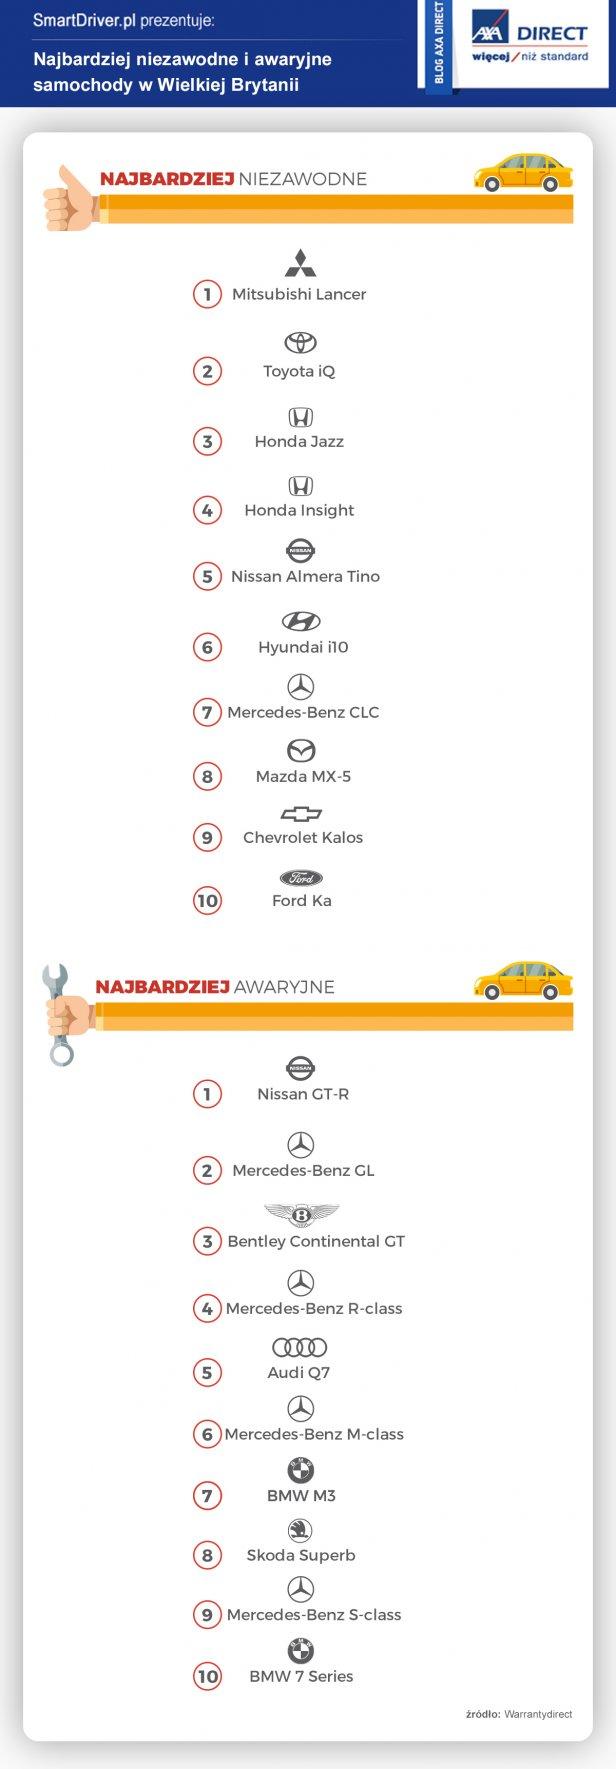 NIEZAWODNE-SAMOCHODY-I-AWARYJNE - Najbardziej niezawodne i awaryjne samochody w Wielkiej Brytanii